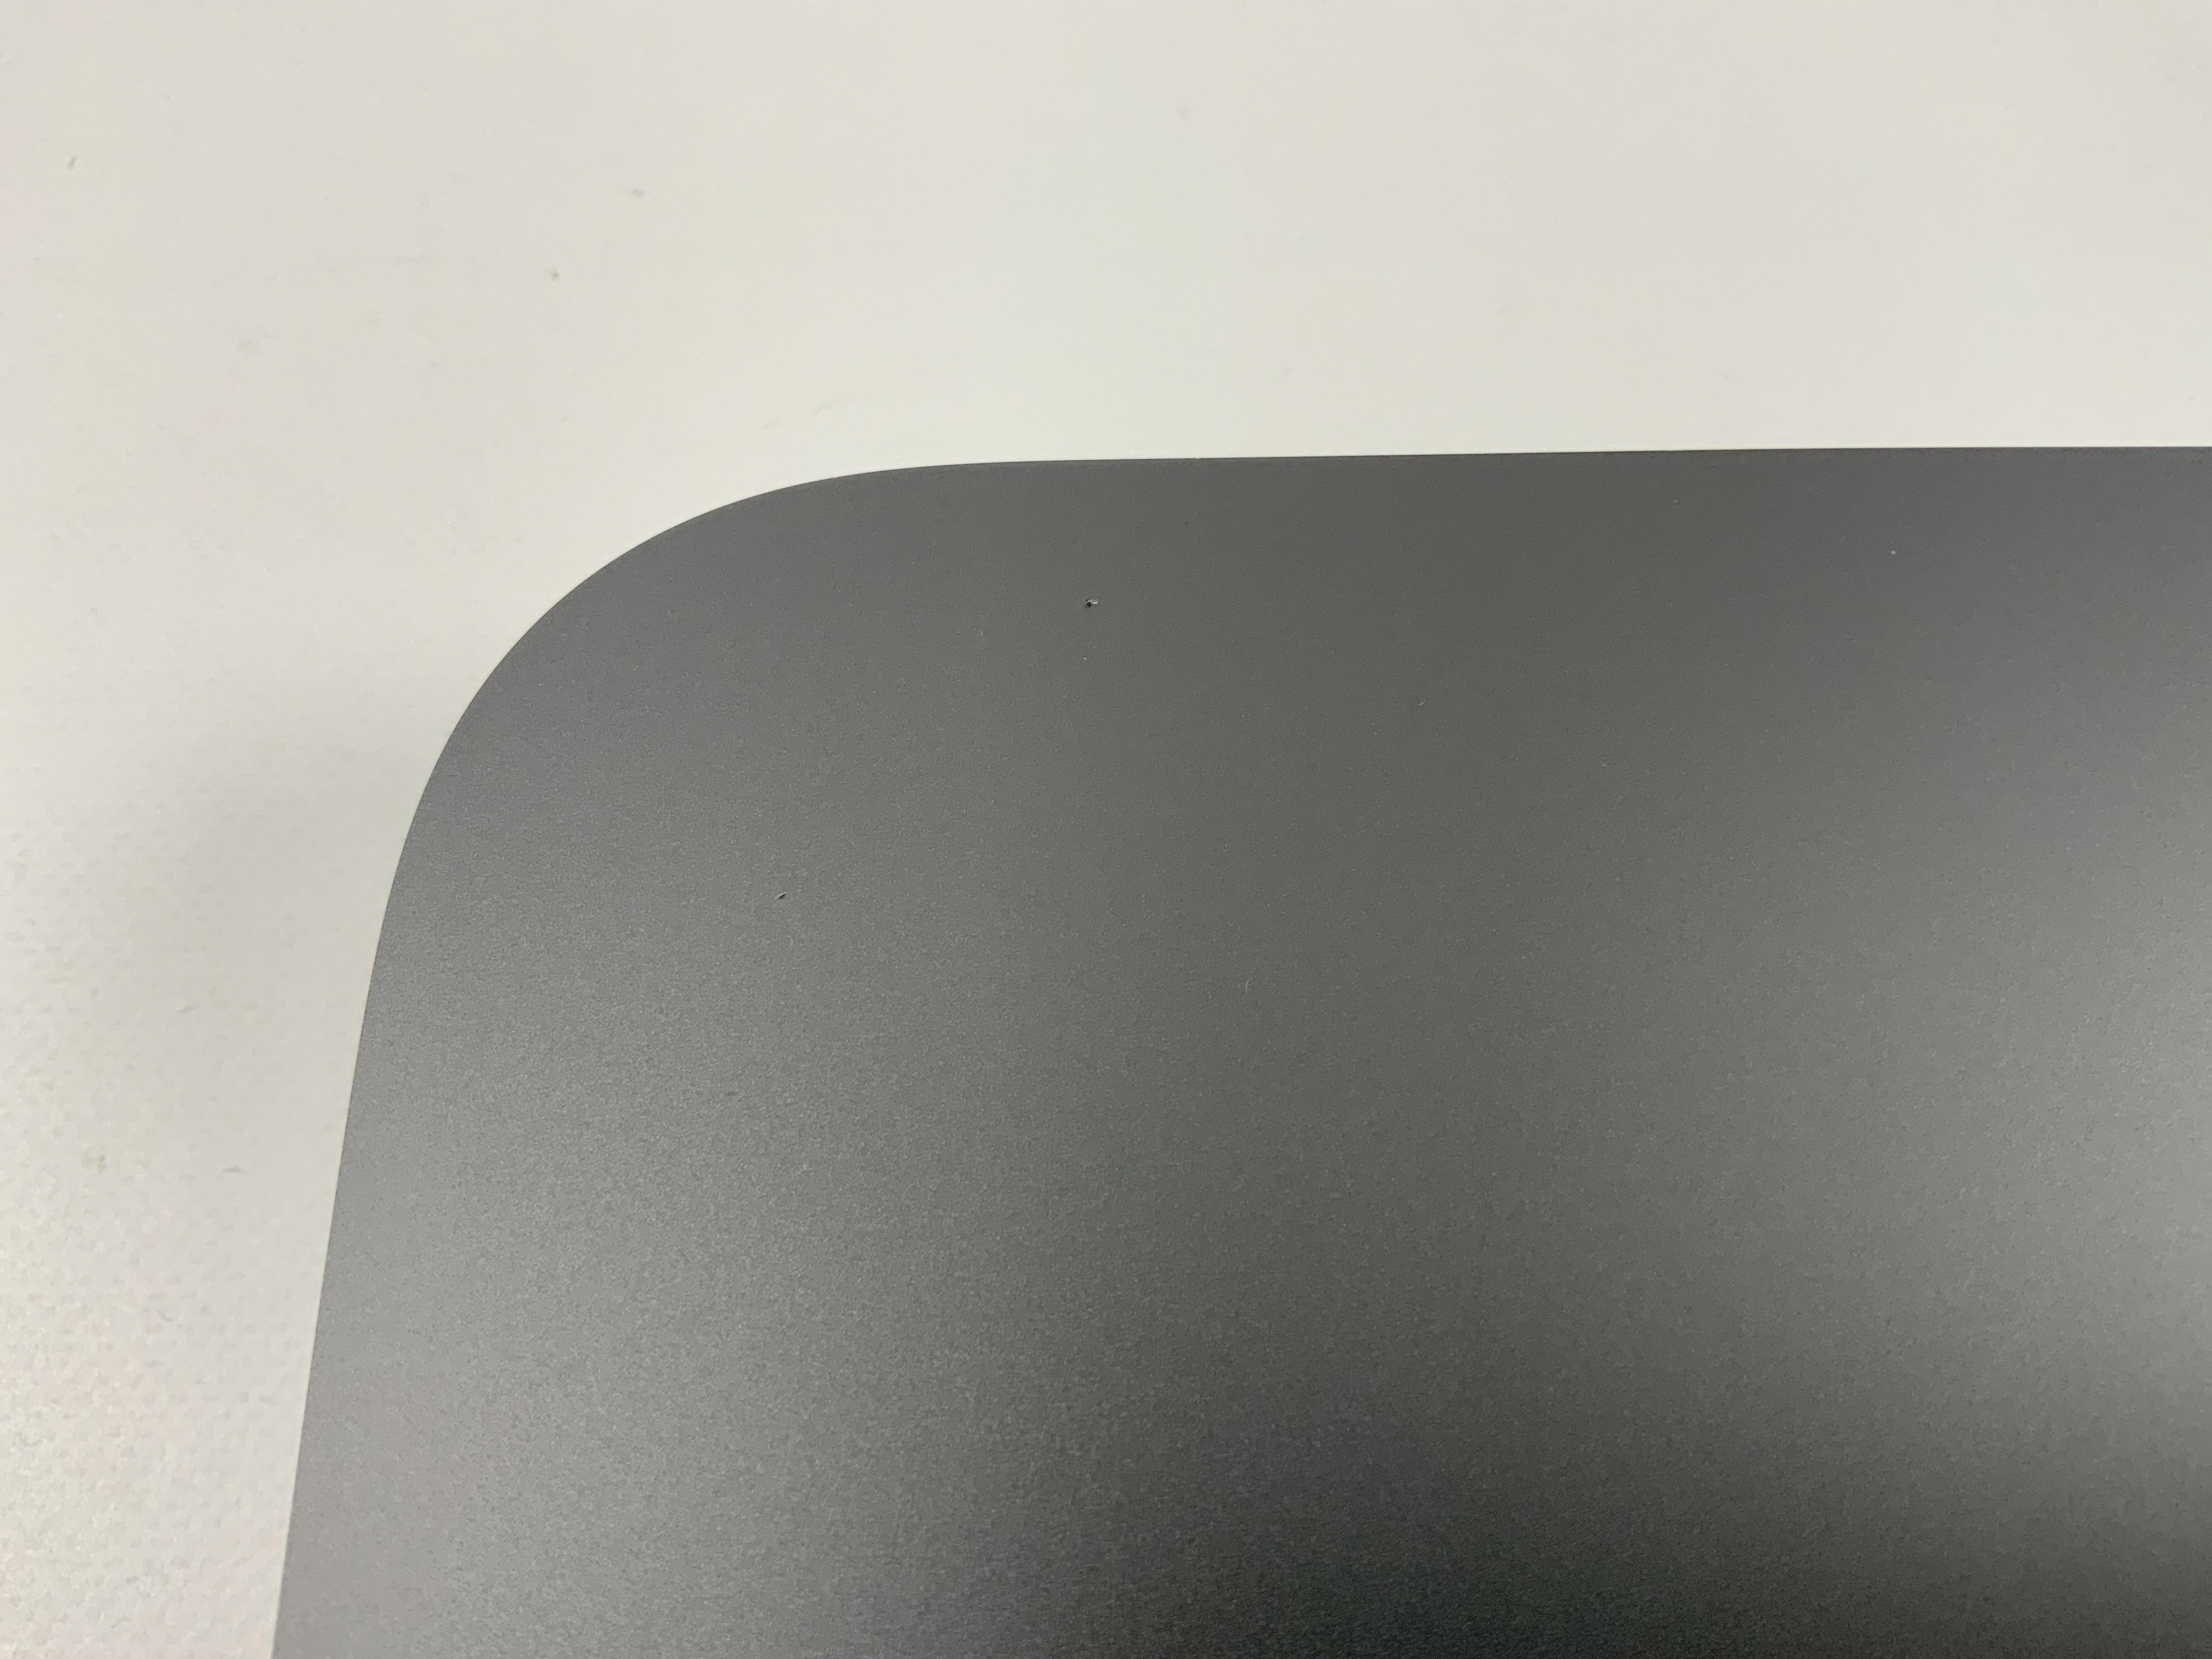 Mac Mini Late 2018 (Intel Quad-Core i3 3.6 GHz 32 GB RAM 128 GB SSD), Intel Quad-Core i3 3.6 GHz, 32 GB RAM, 128 GB SSD, obraz 3